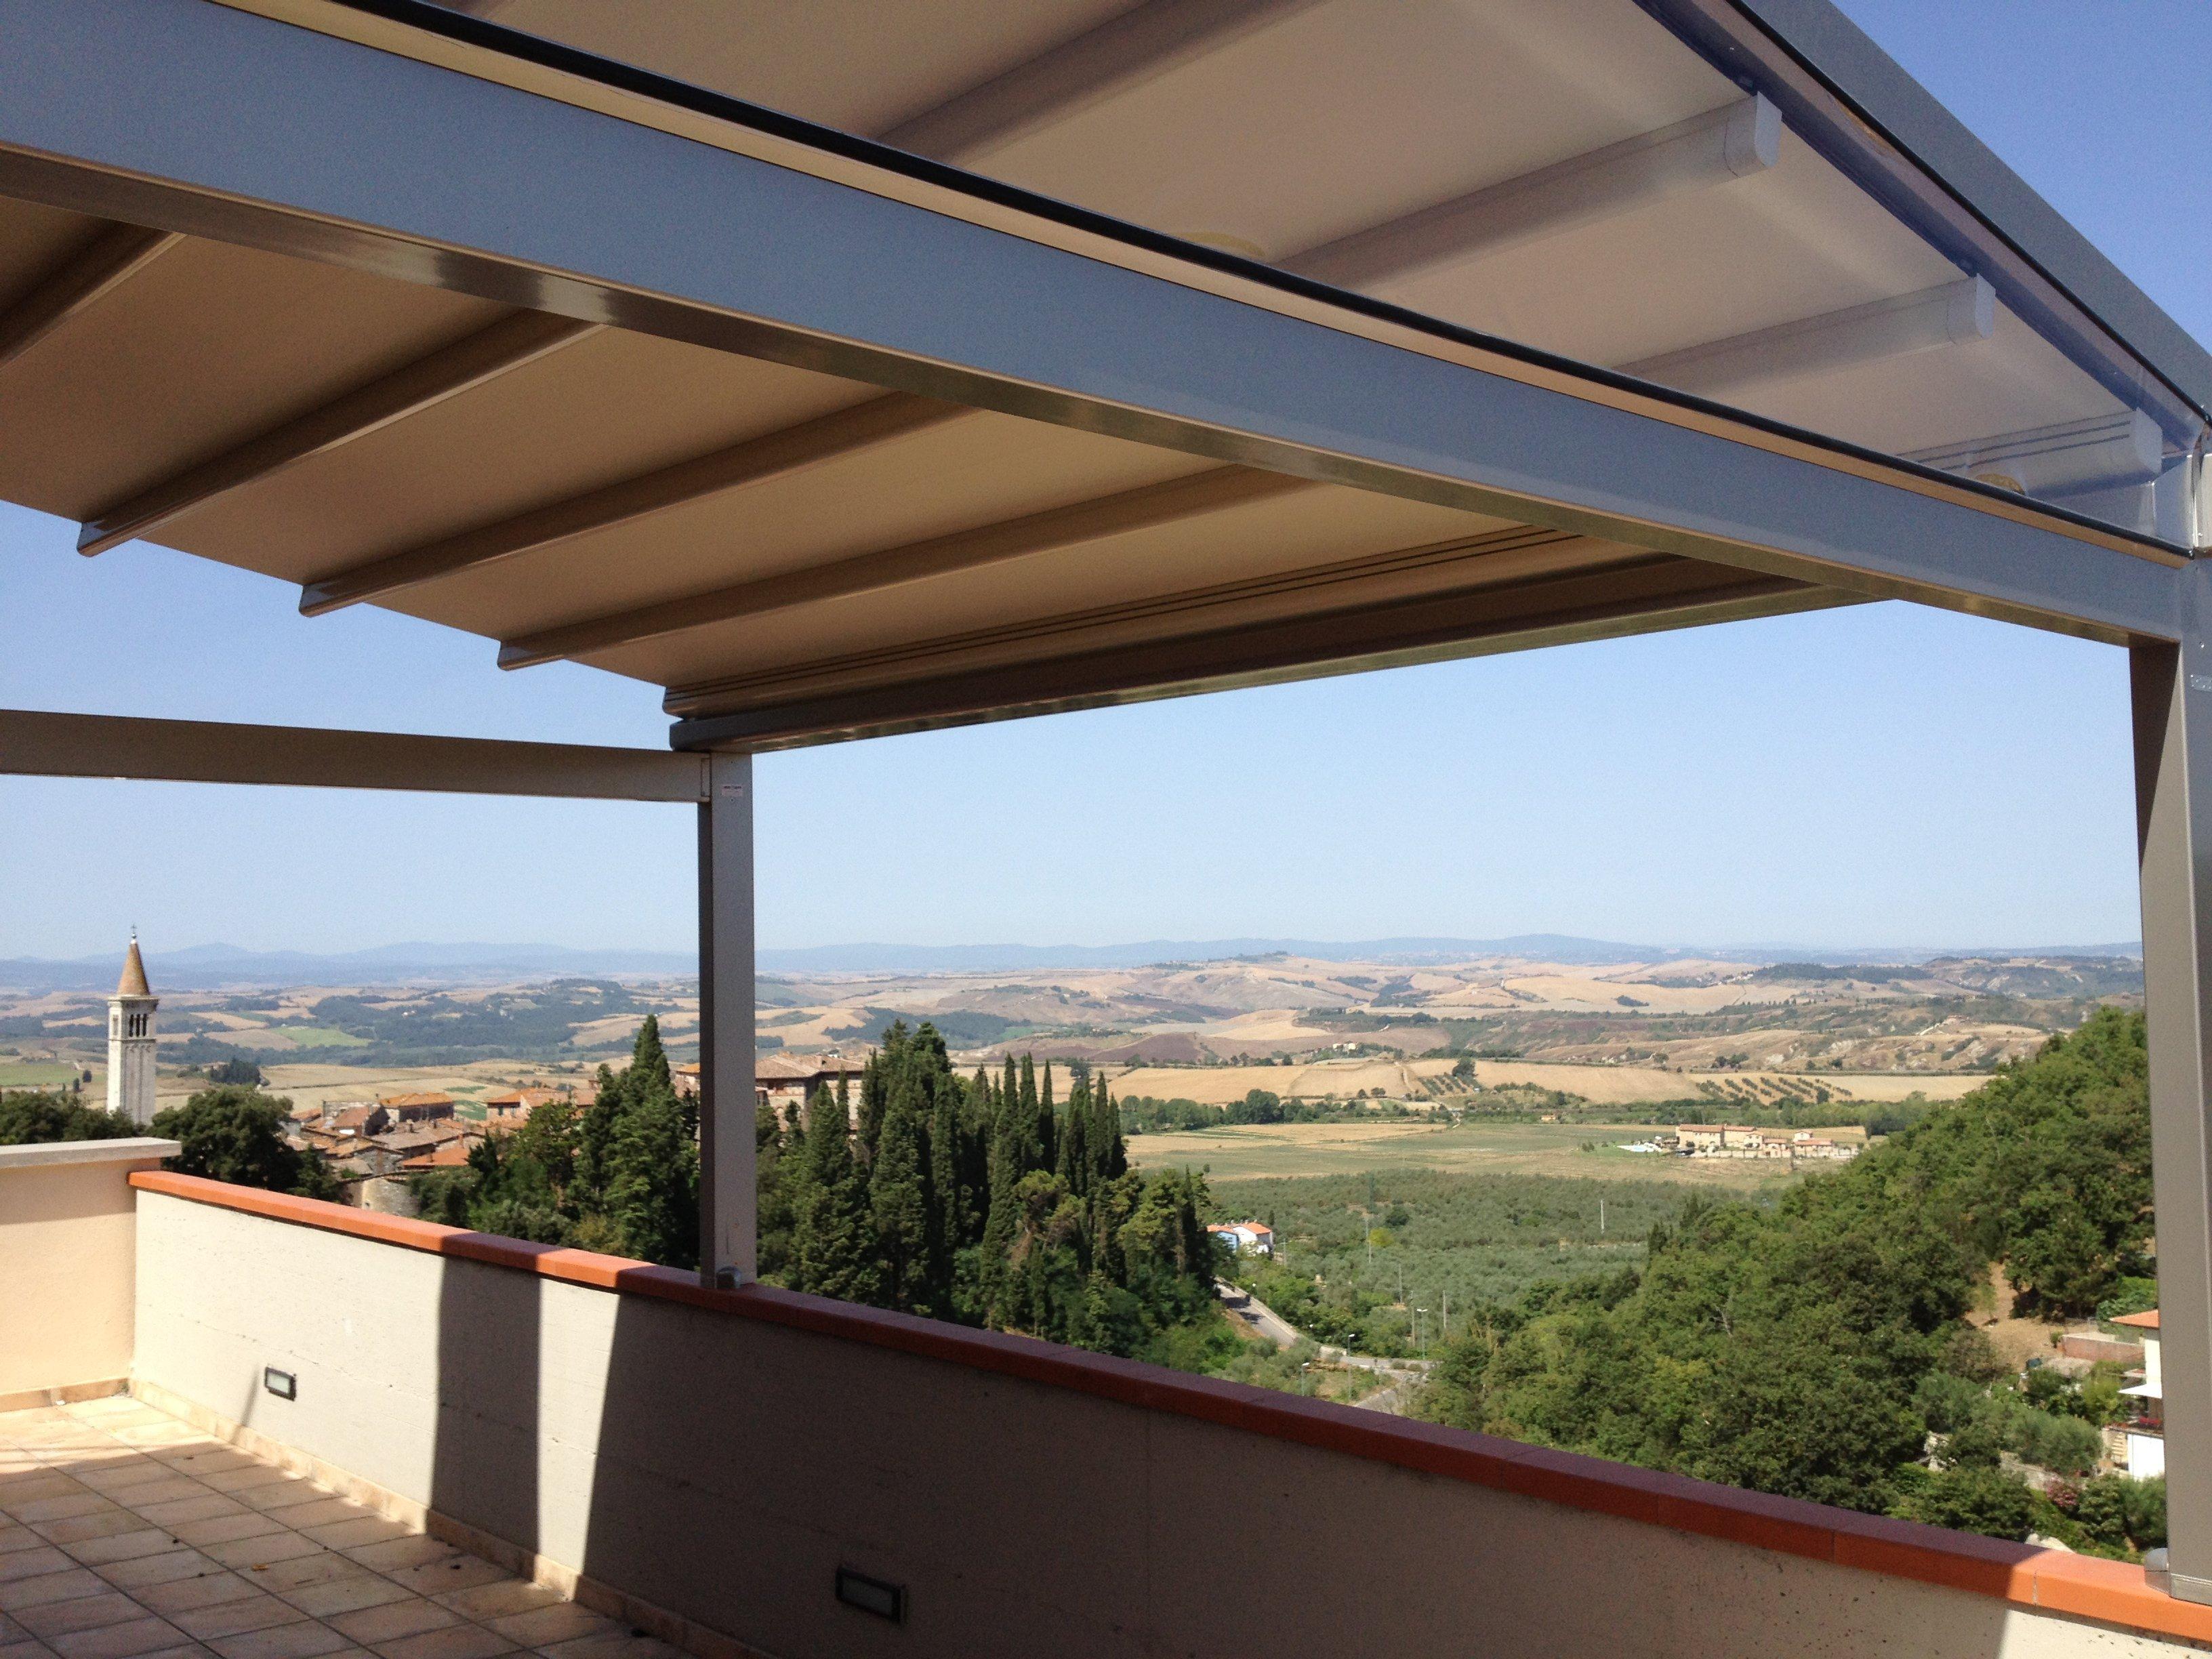 tenda gazebo da esterno collocata su terrazza